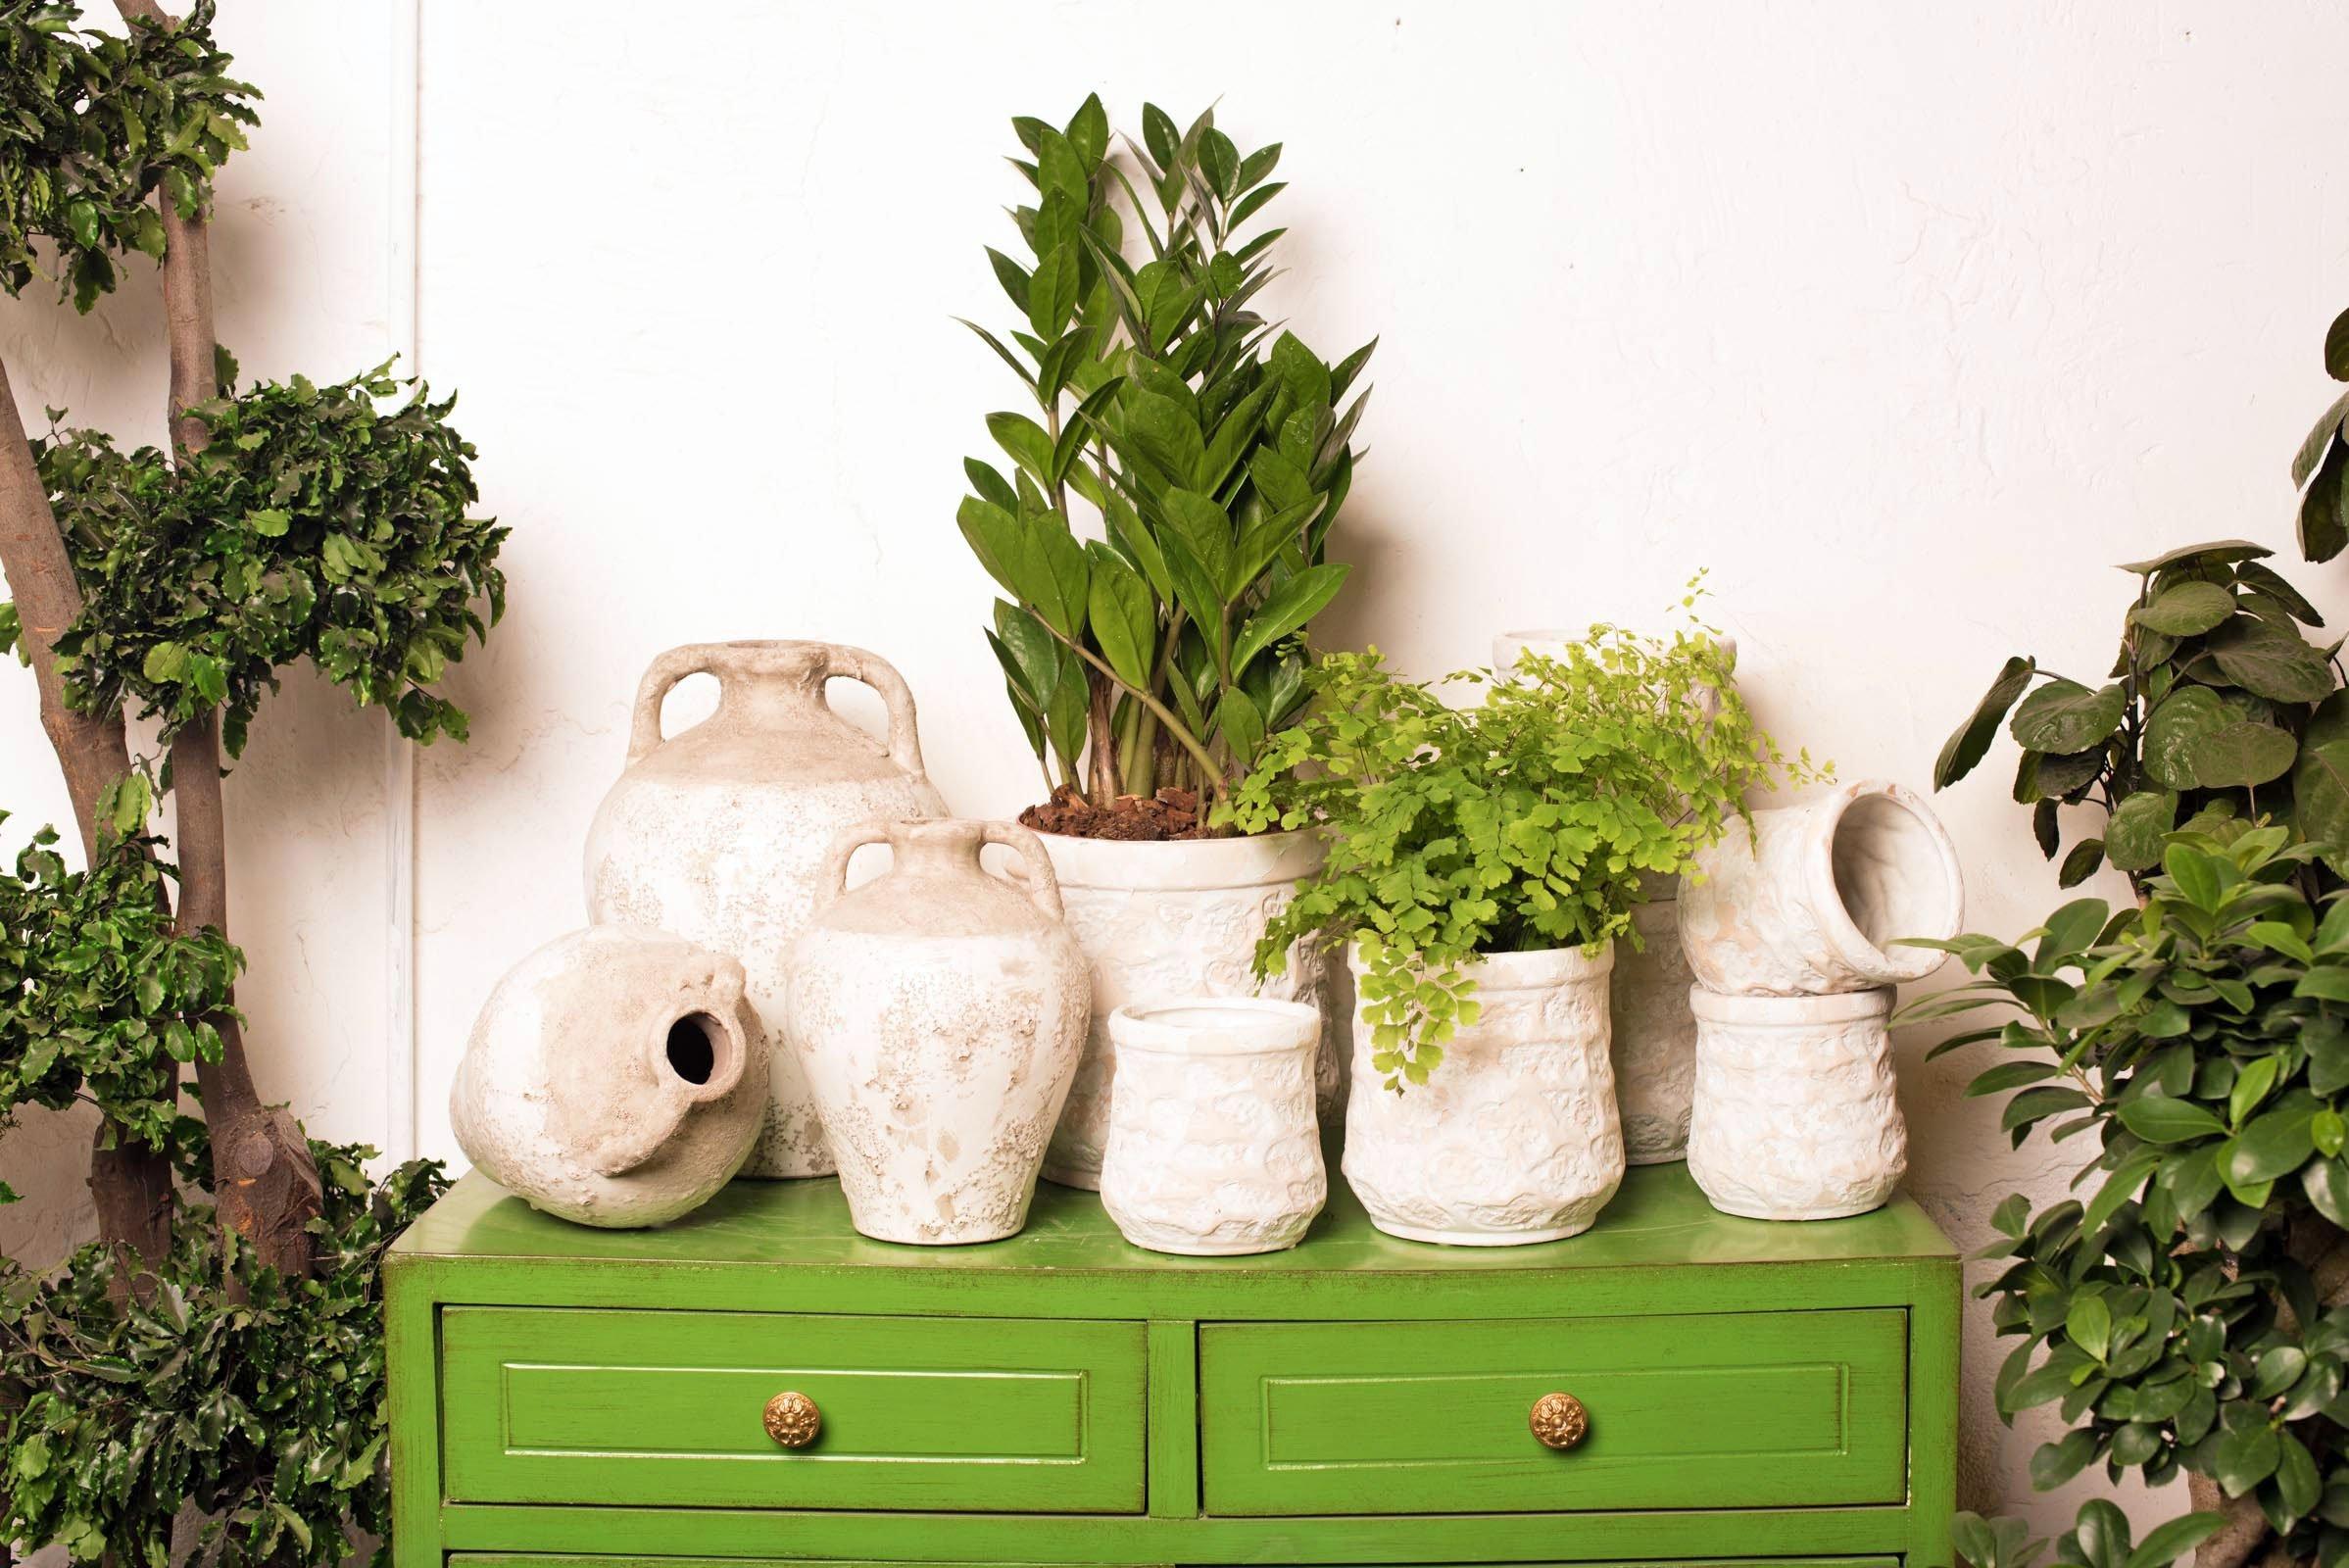 Mueble verde con macetas y Plantas - Margarita Se Llama Mi Amor - Floristería en Madrid